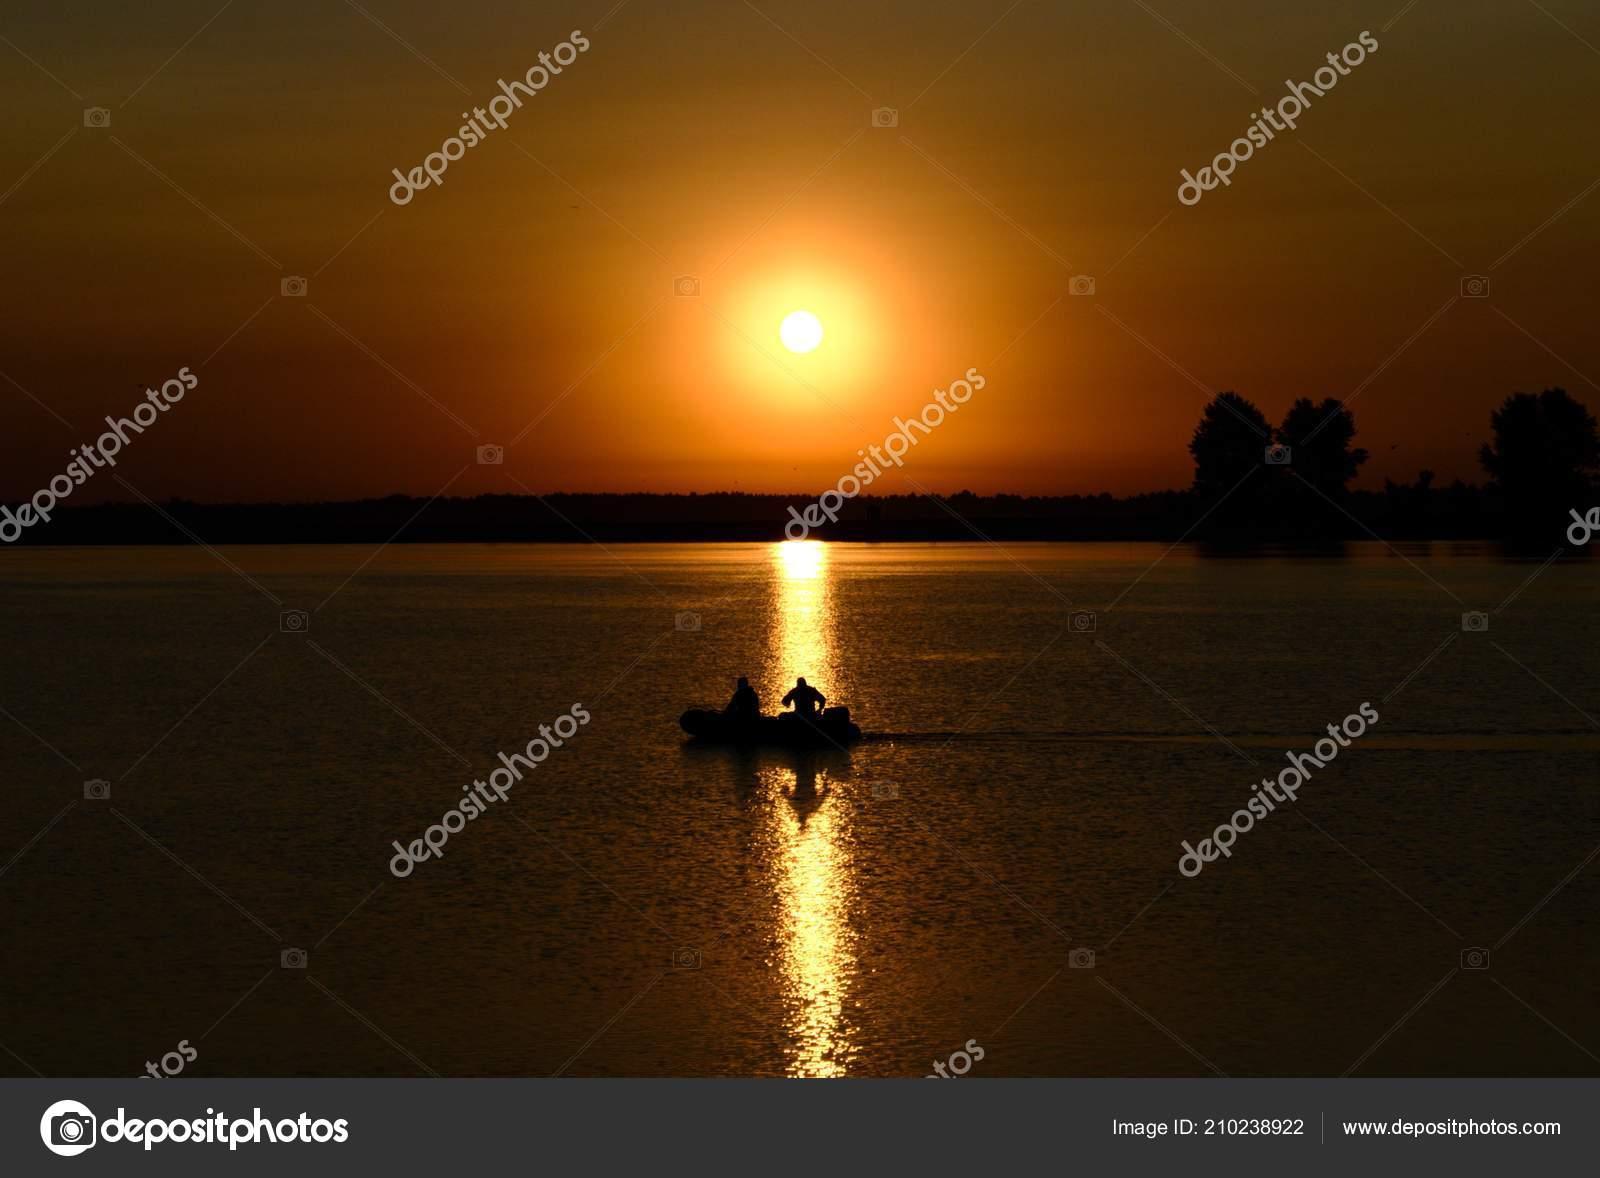 Мы взяли с собой резиновую лодку и на рассвете